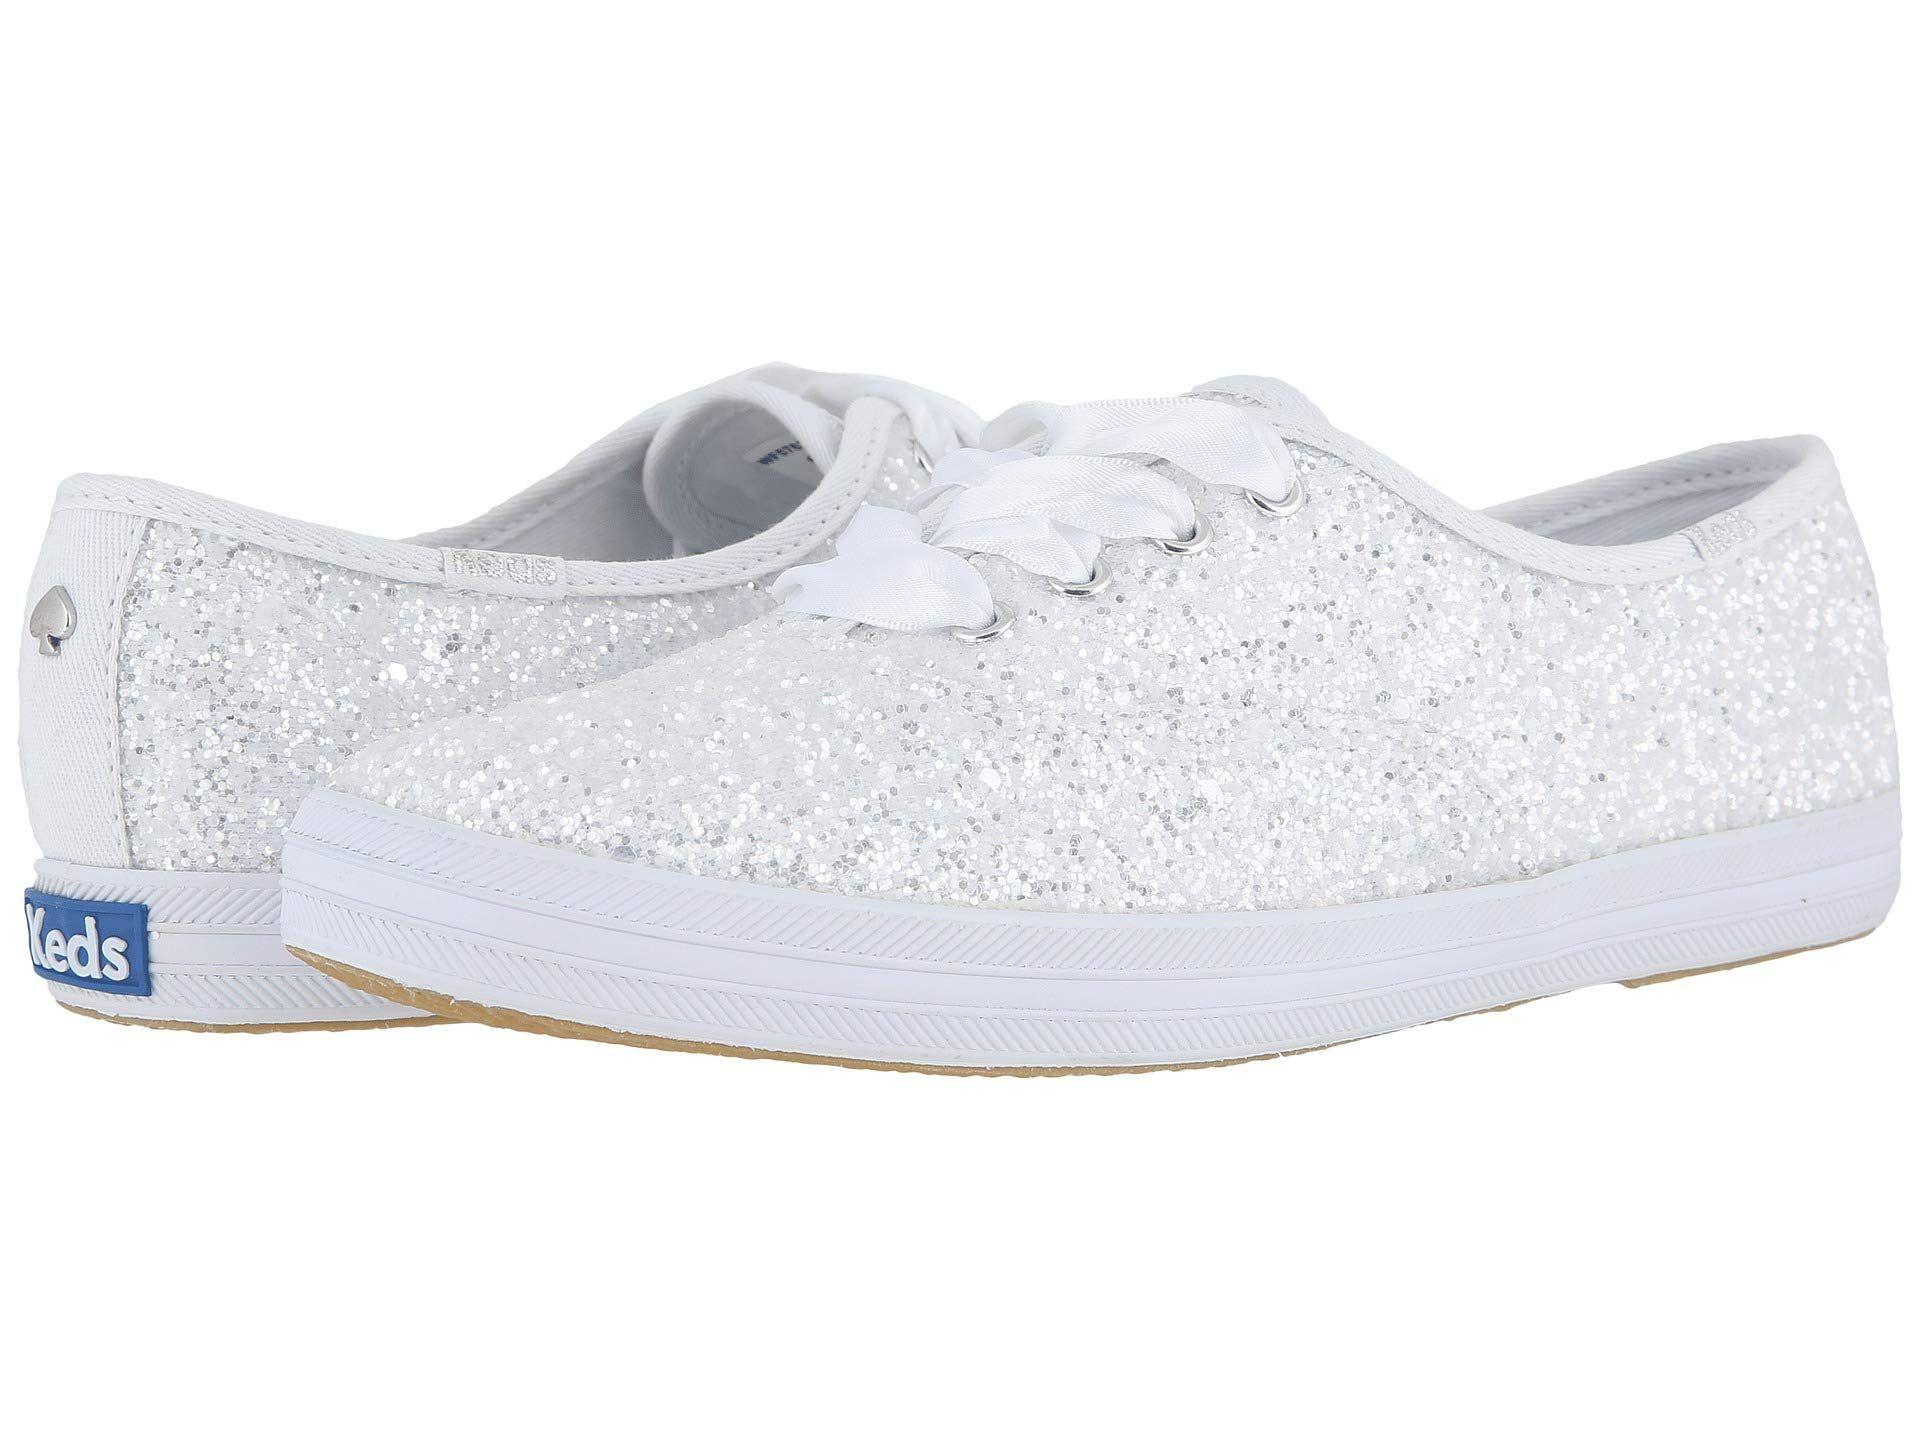 ad511c7f16f20 24 Chic Beach Wedding Shoes